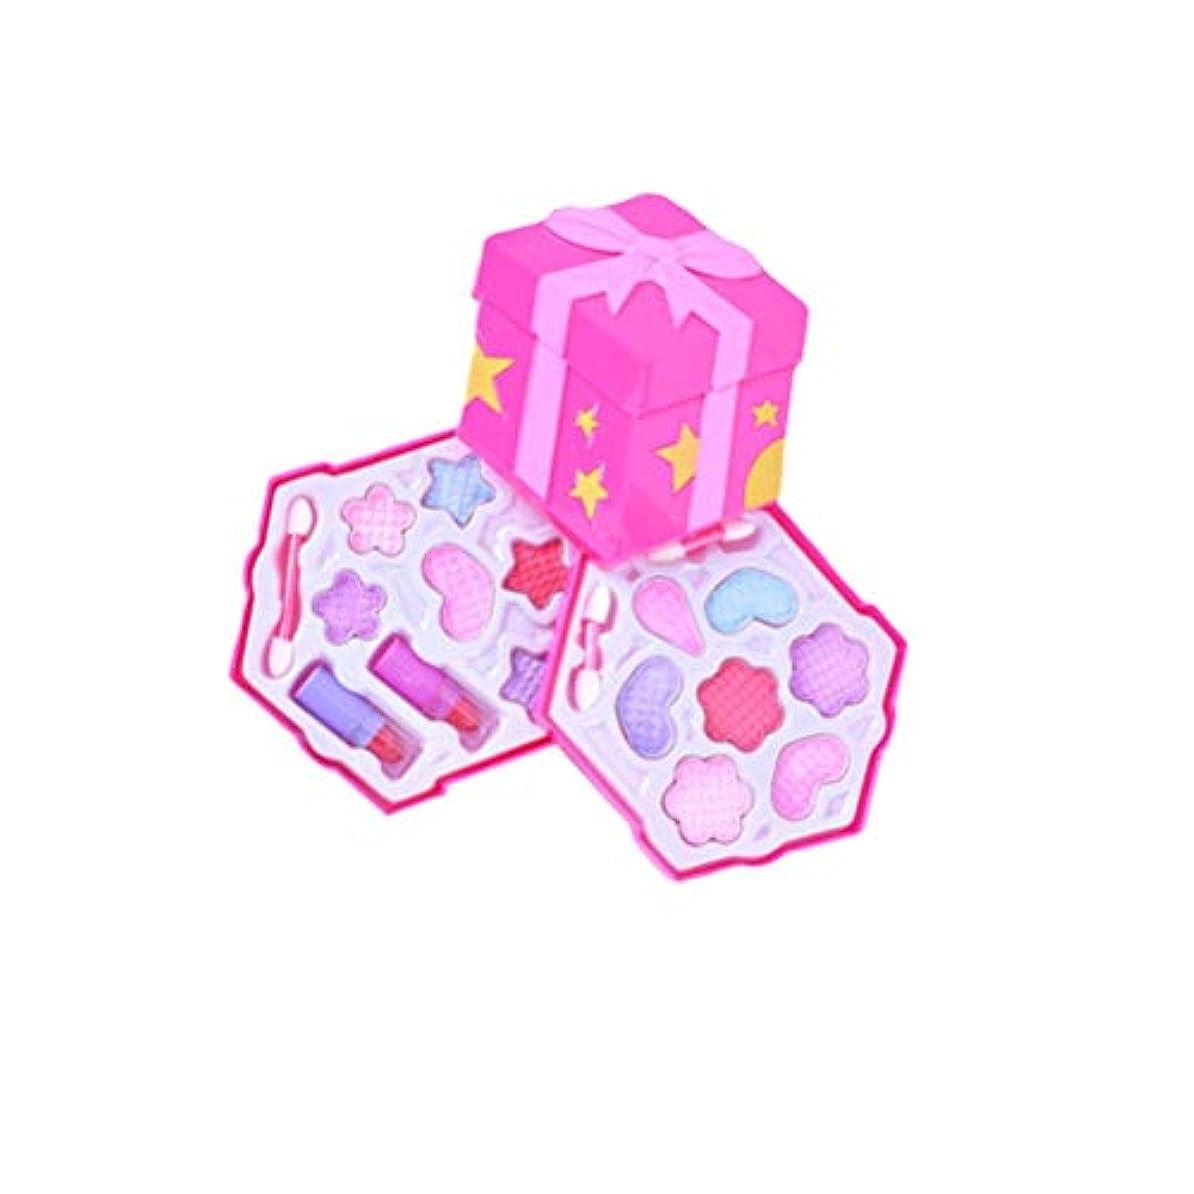 使い込むリサイクルするレギュラーYeahiBaby 女の子化粧品プレイセットウォッシャブル非毒性プリンセスリアルメイクおもちゃキット付きケース